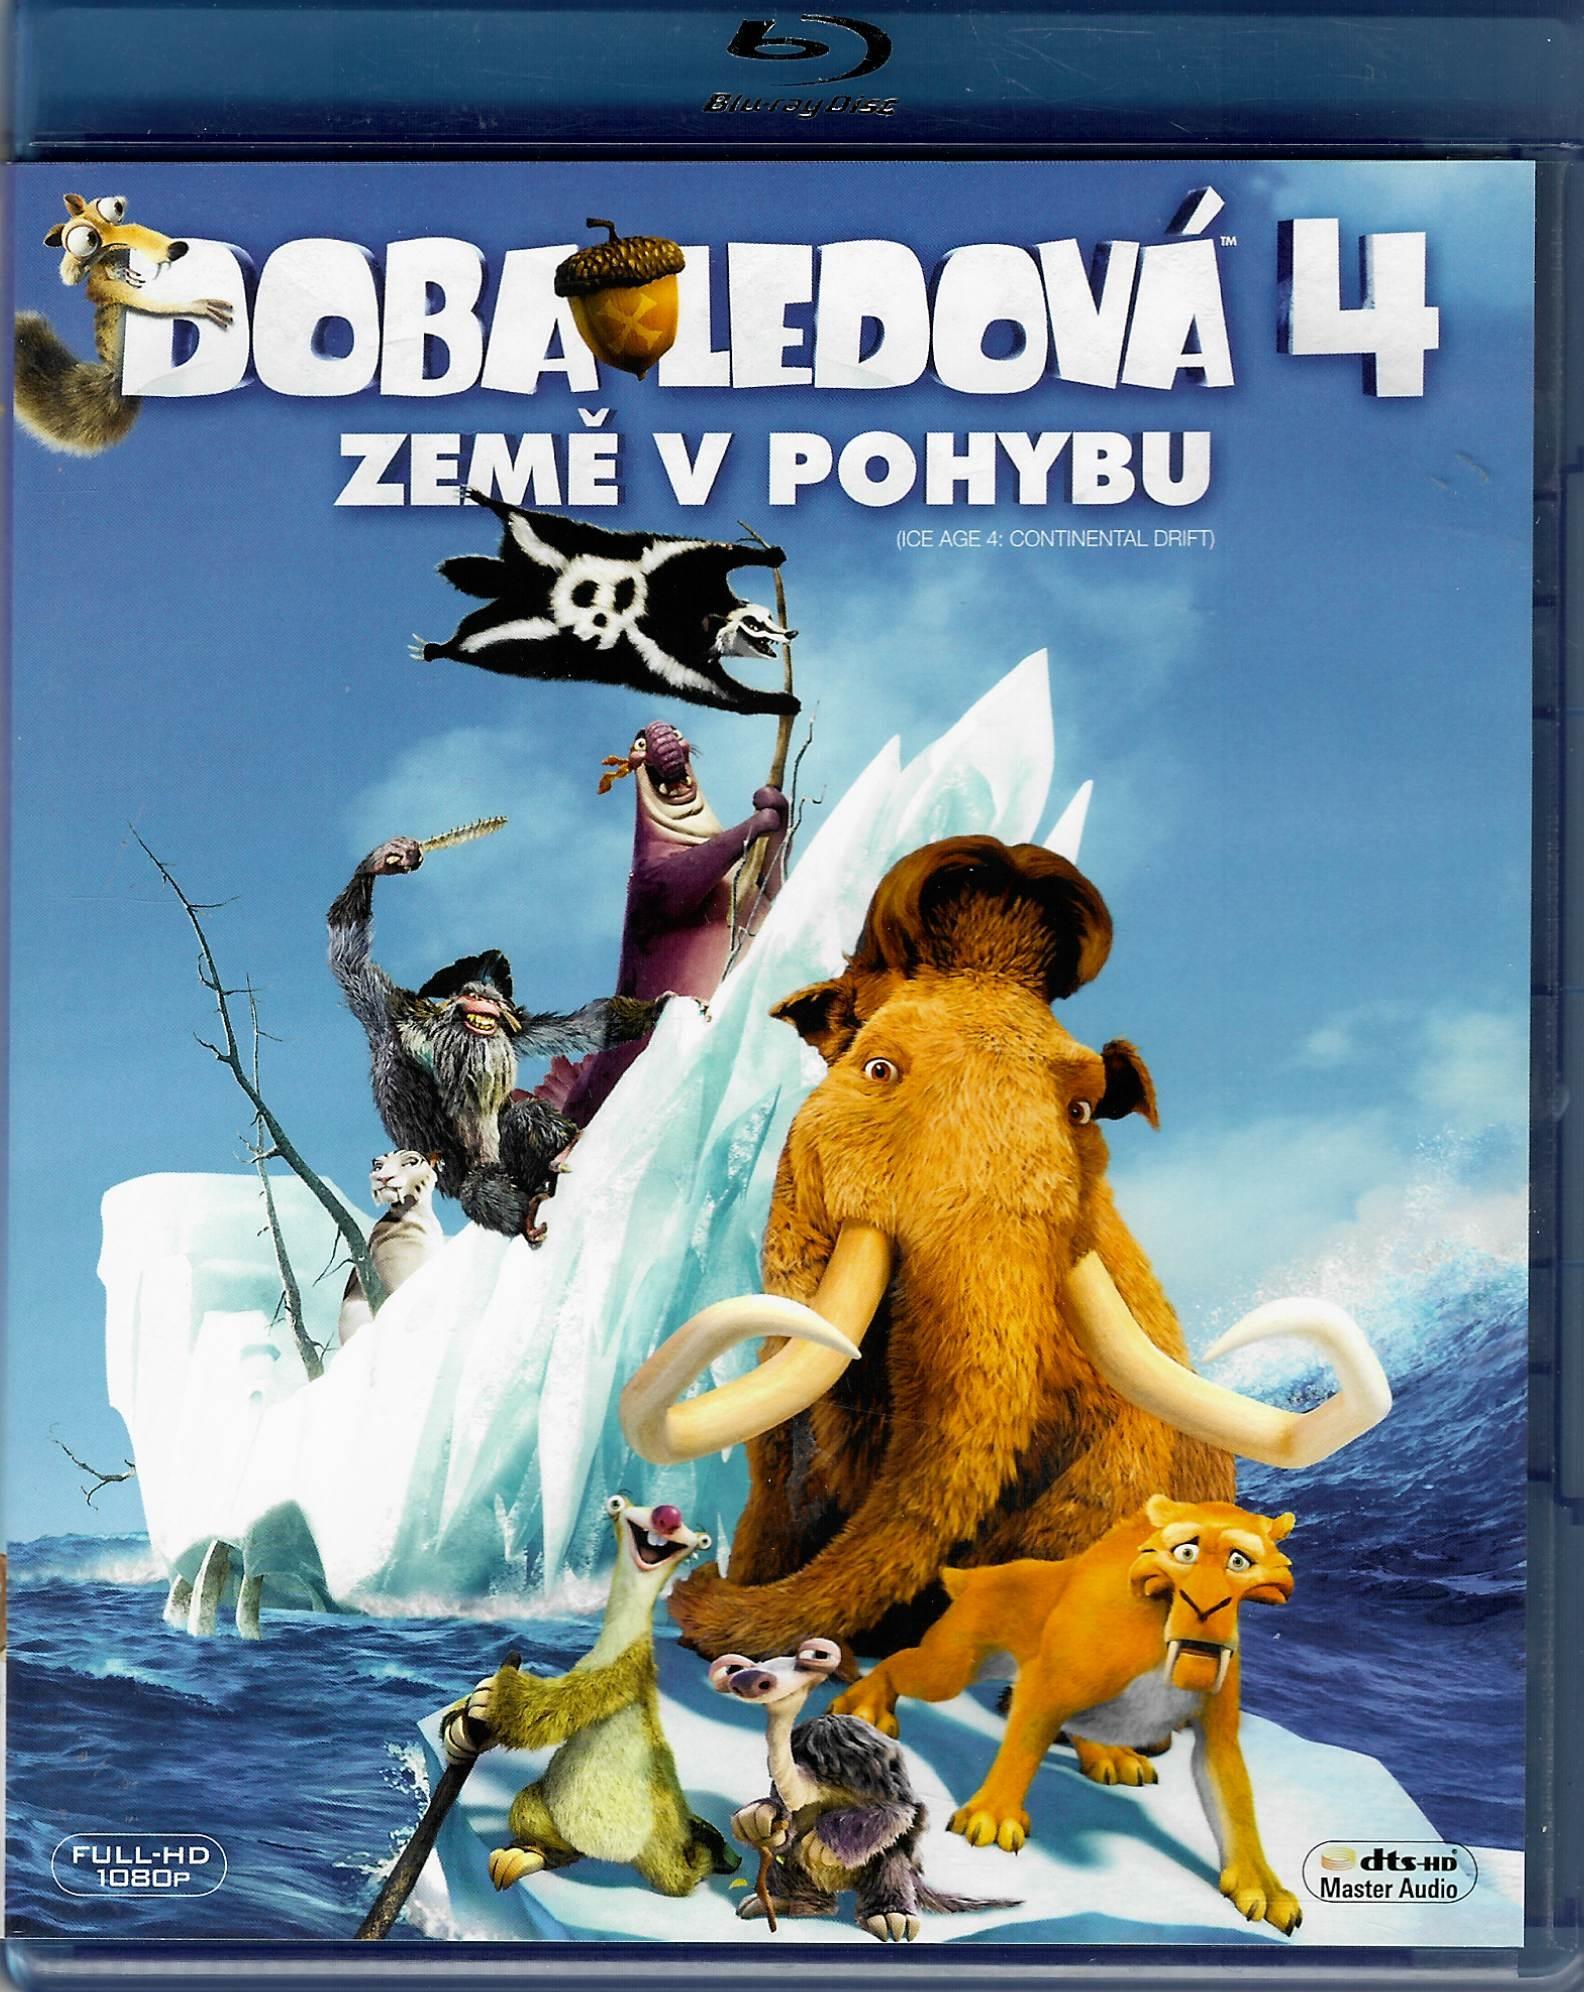 Doba ledová 4: Země v pohybu - Blu-ray